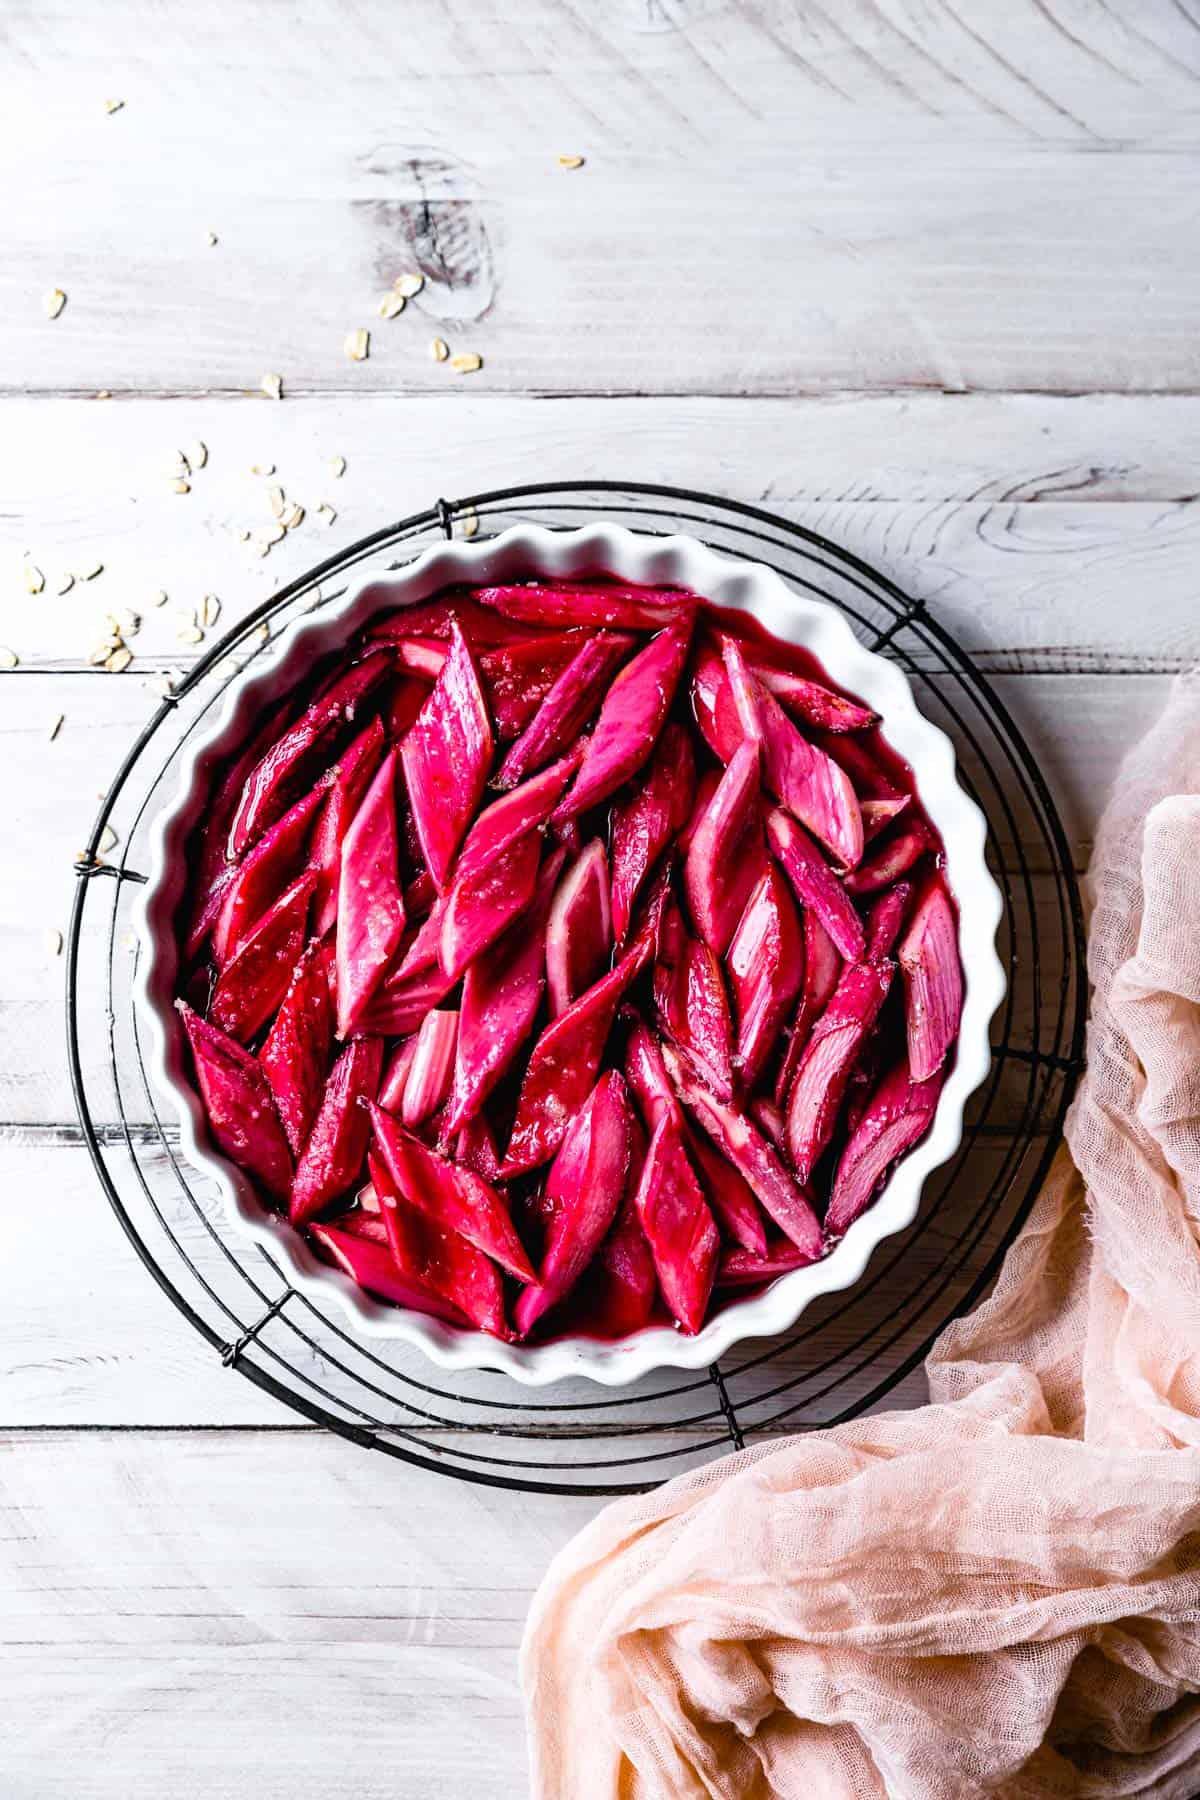 Rhubarb in dish